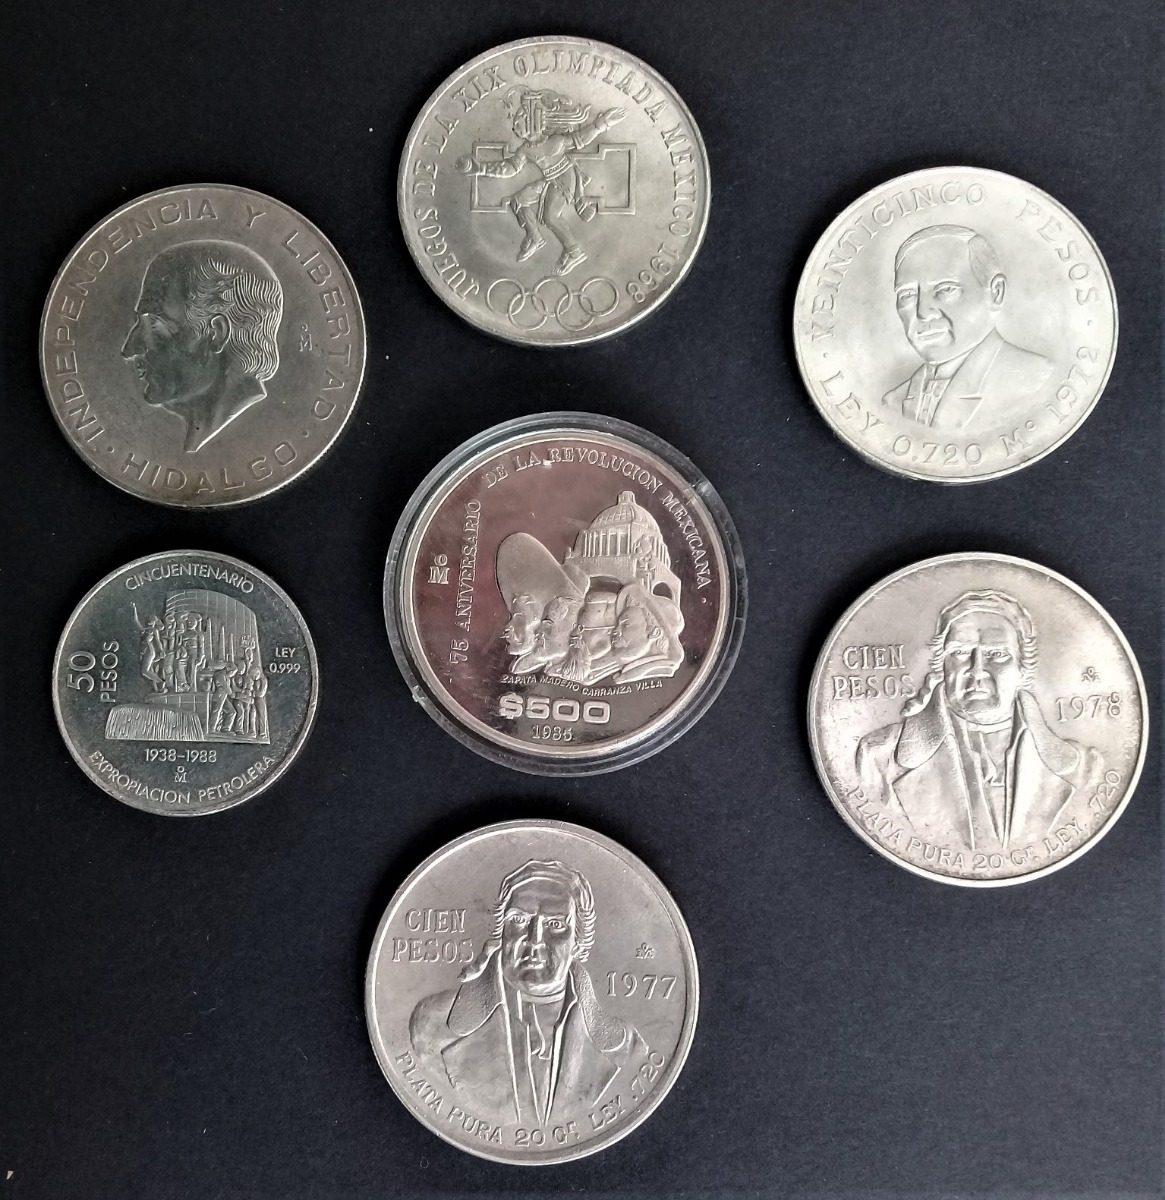 f343dabf83e3 monedas plata antiguas de méxico lote no 2. Cargando zoom.